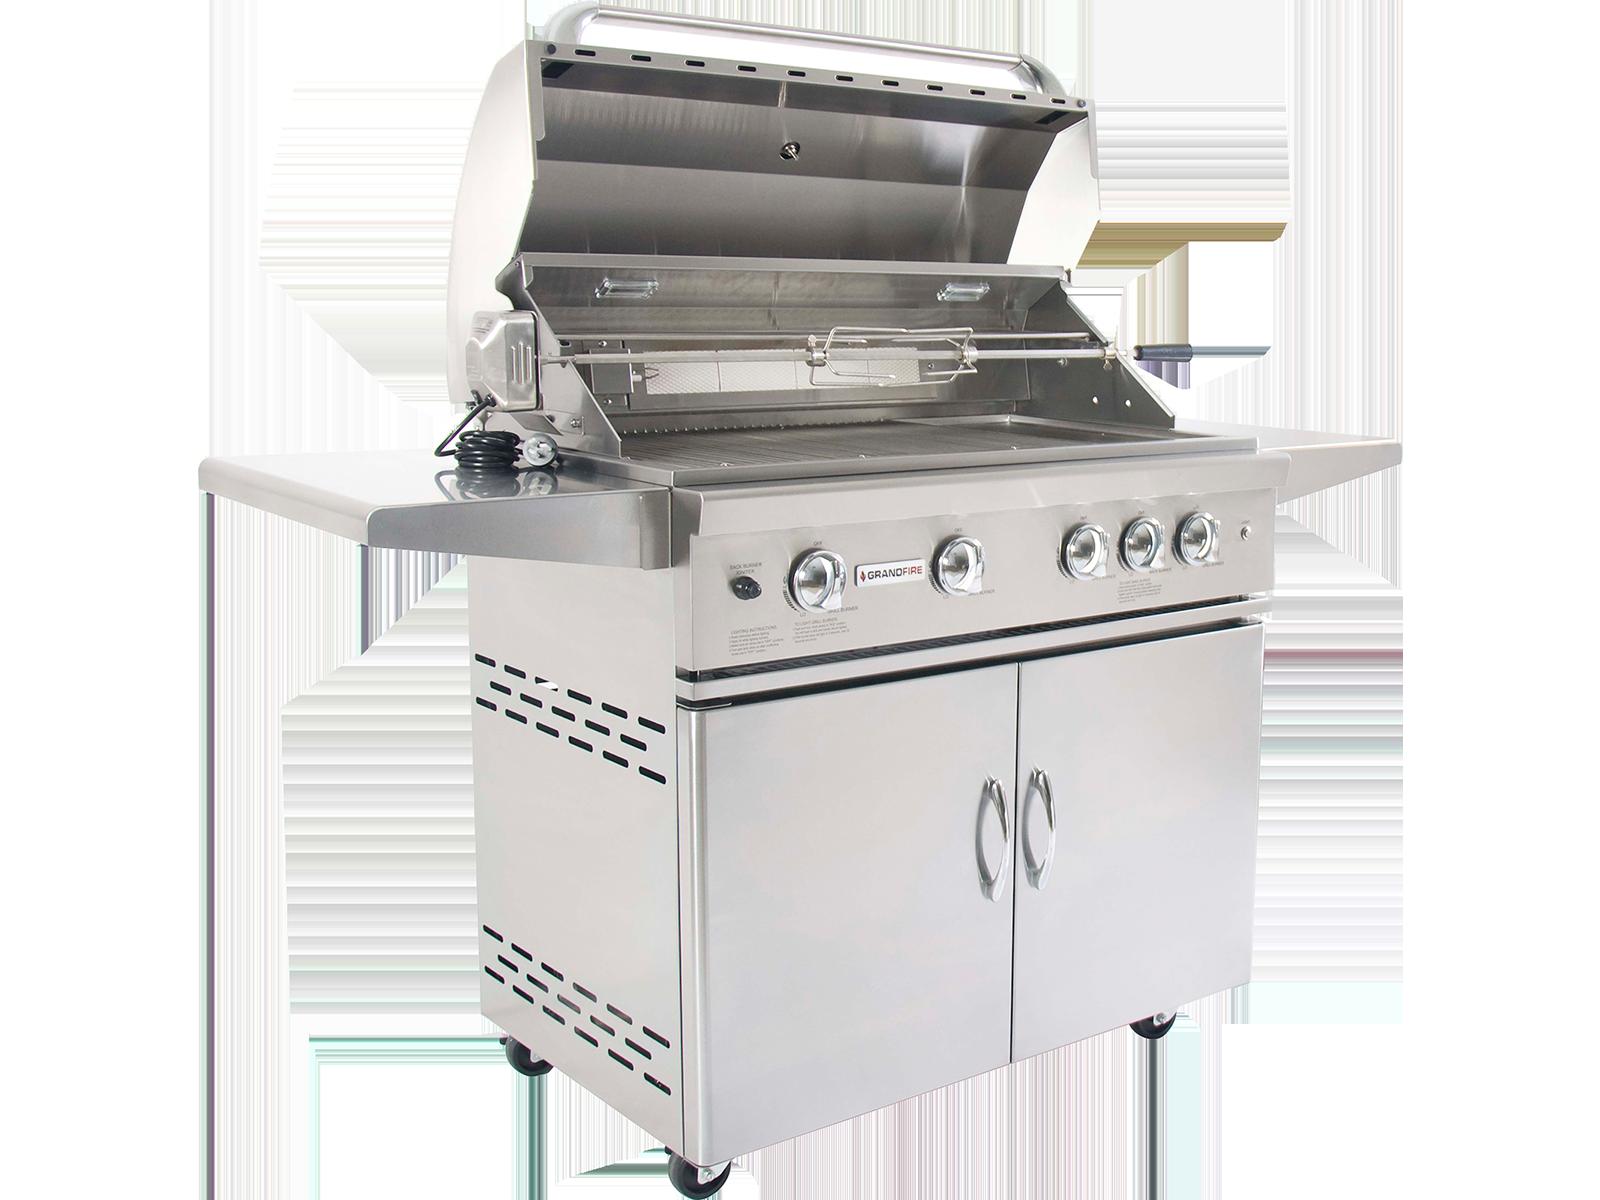 Outdoor bbq kitchen and modular kitchen units grandfire for Outdoor bbq kitchen units